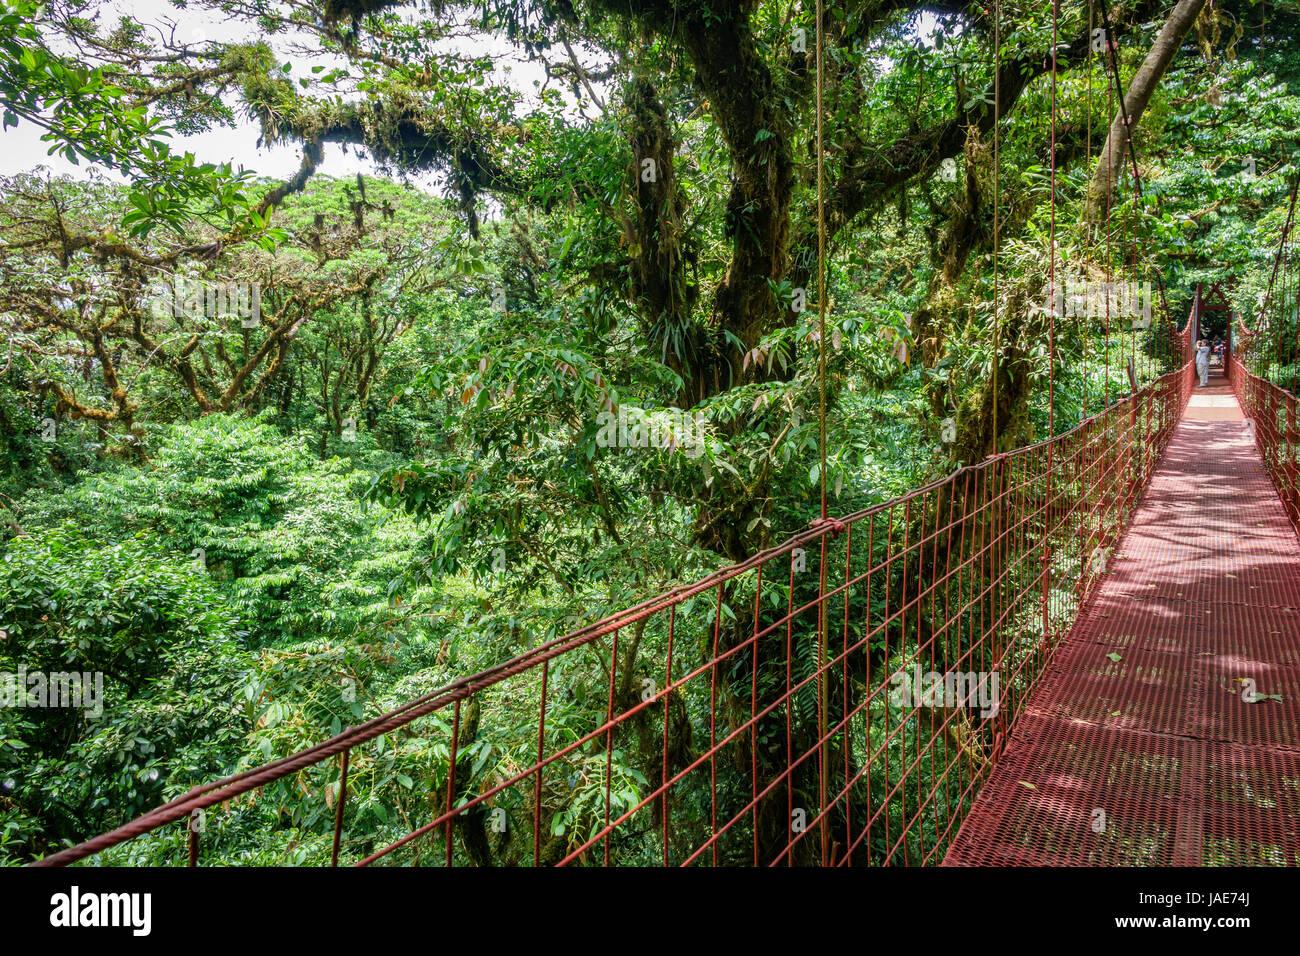 Ampio angolo di visione di Red ponte sospeso nella foresta pluviale di Monteverde sul lato destro dell'immagine Immagini Stock